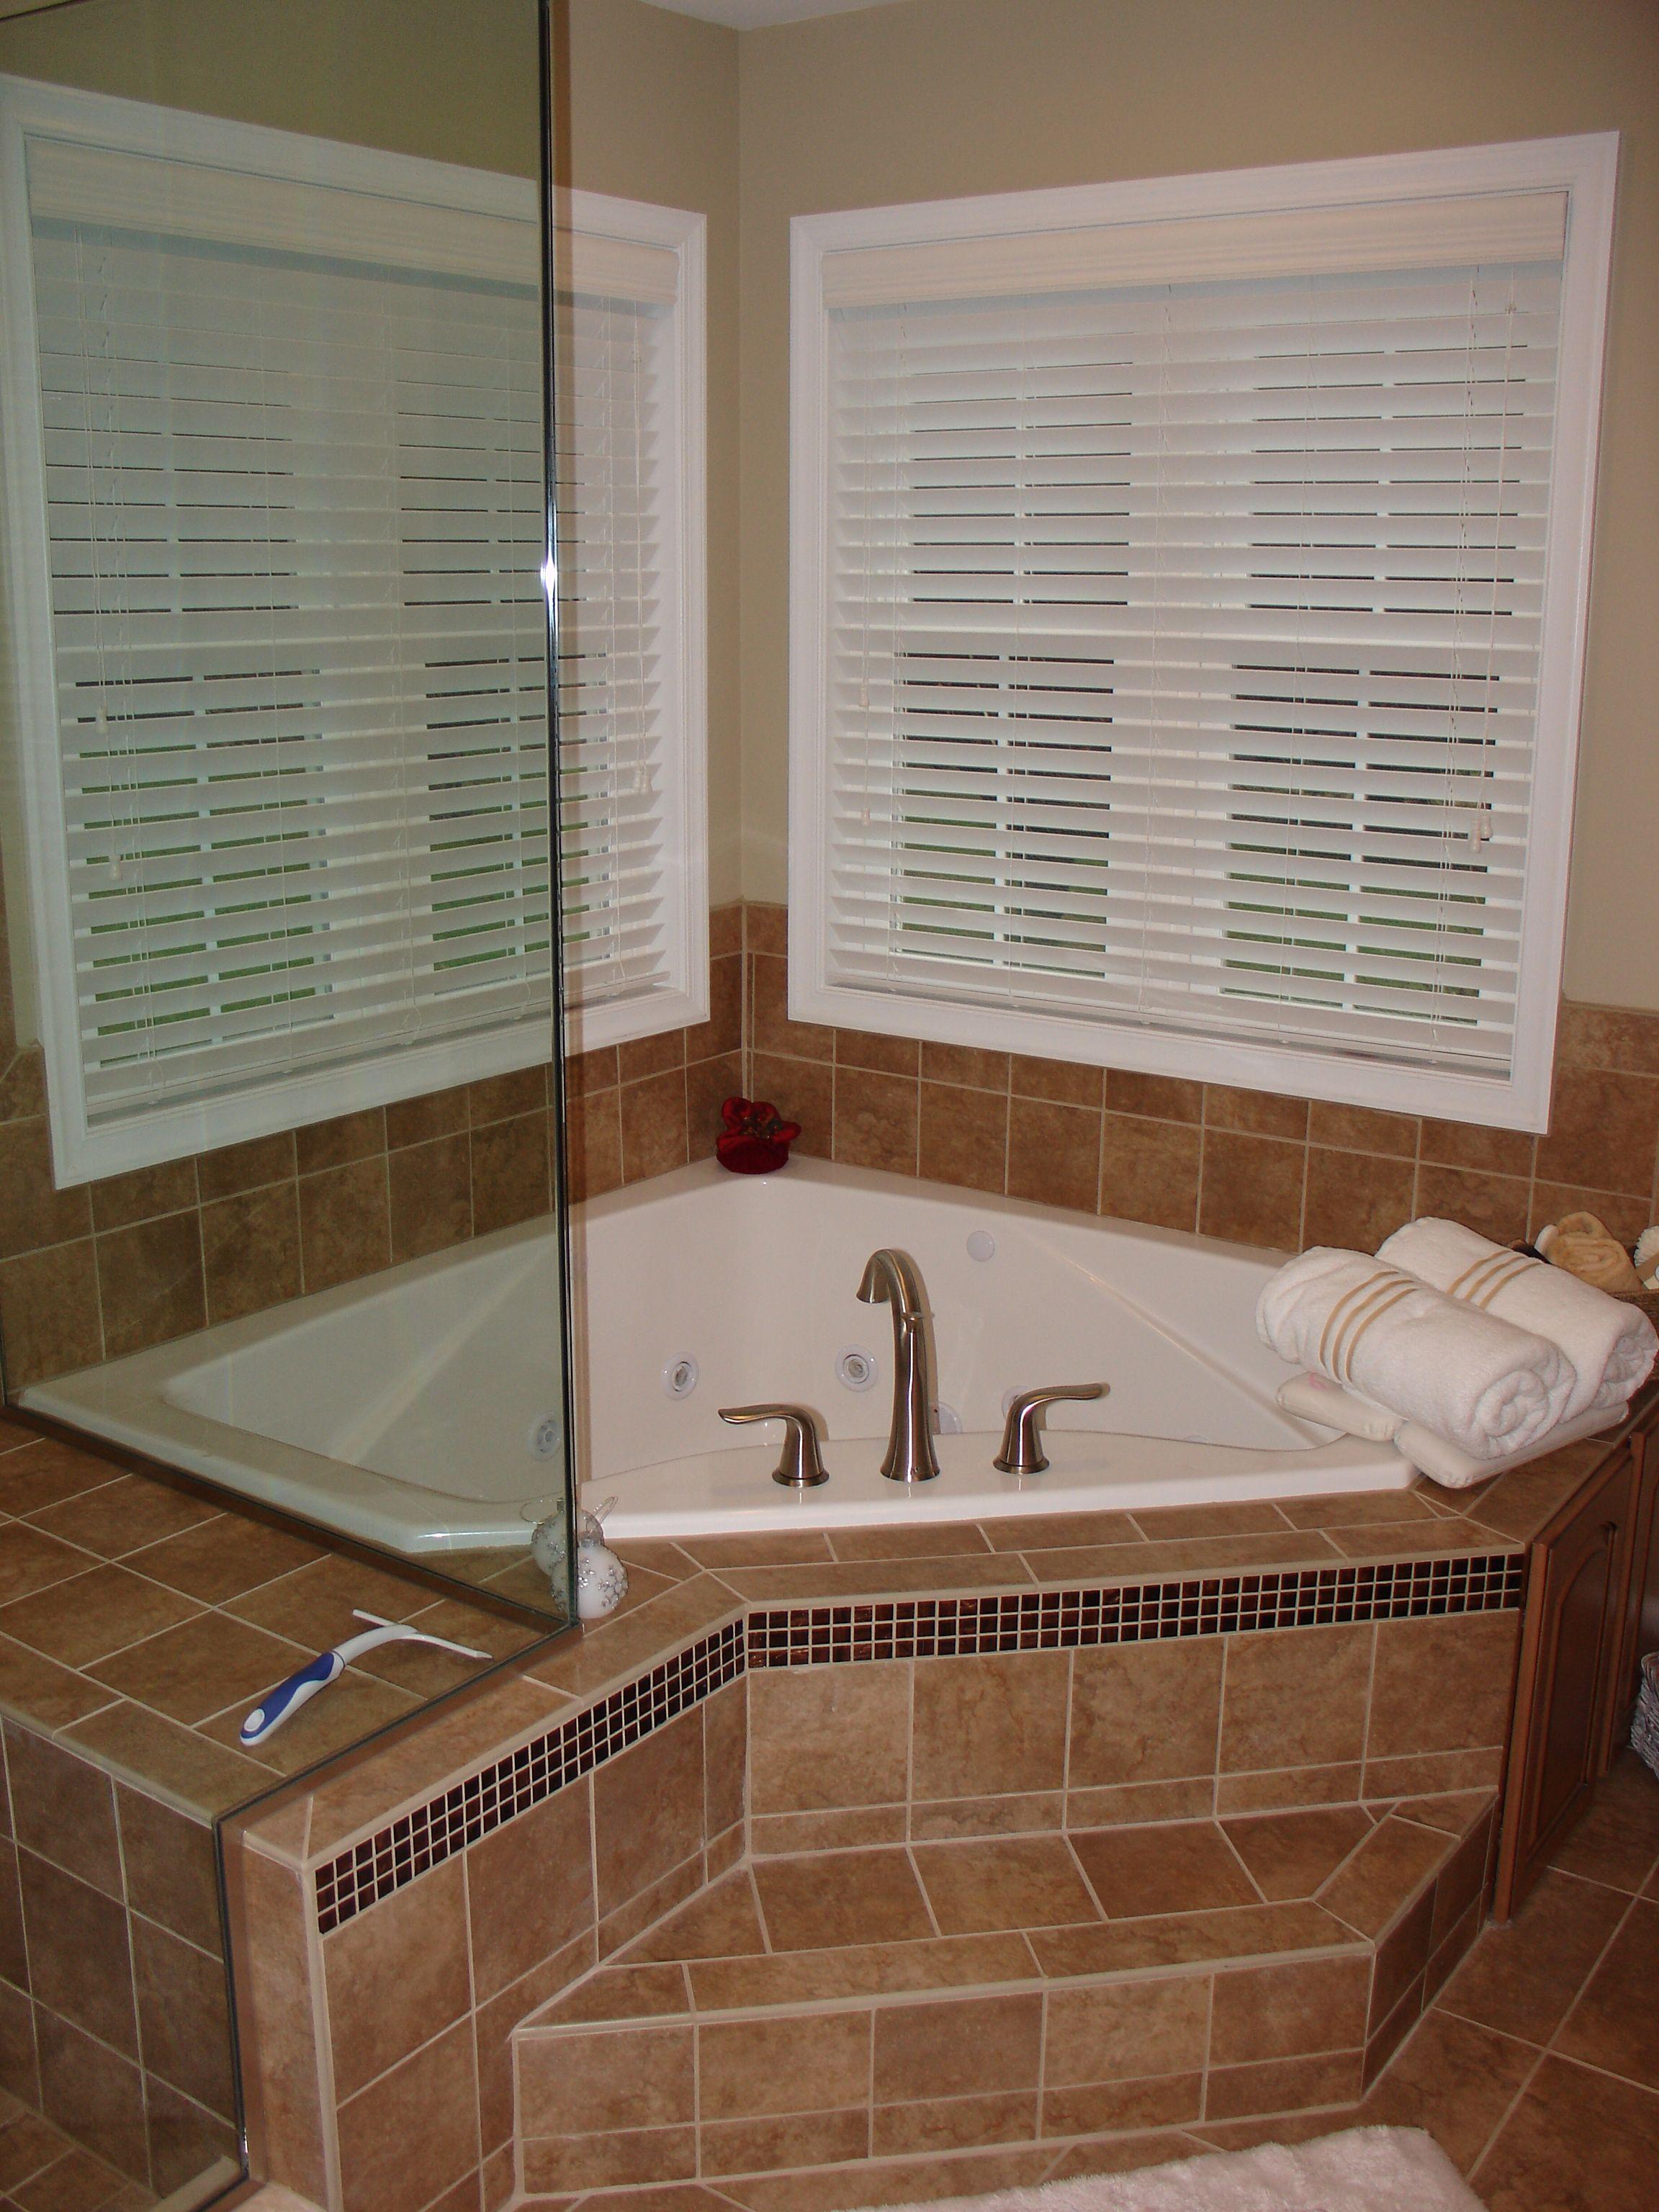 Corner Jetted Tub Corner Tub Shower Bathrooms Remodel Bathroom Remodel Master